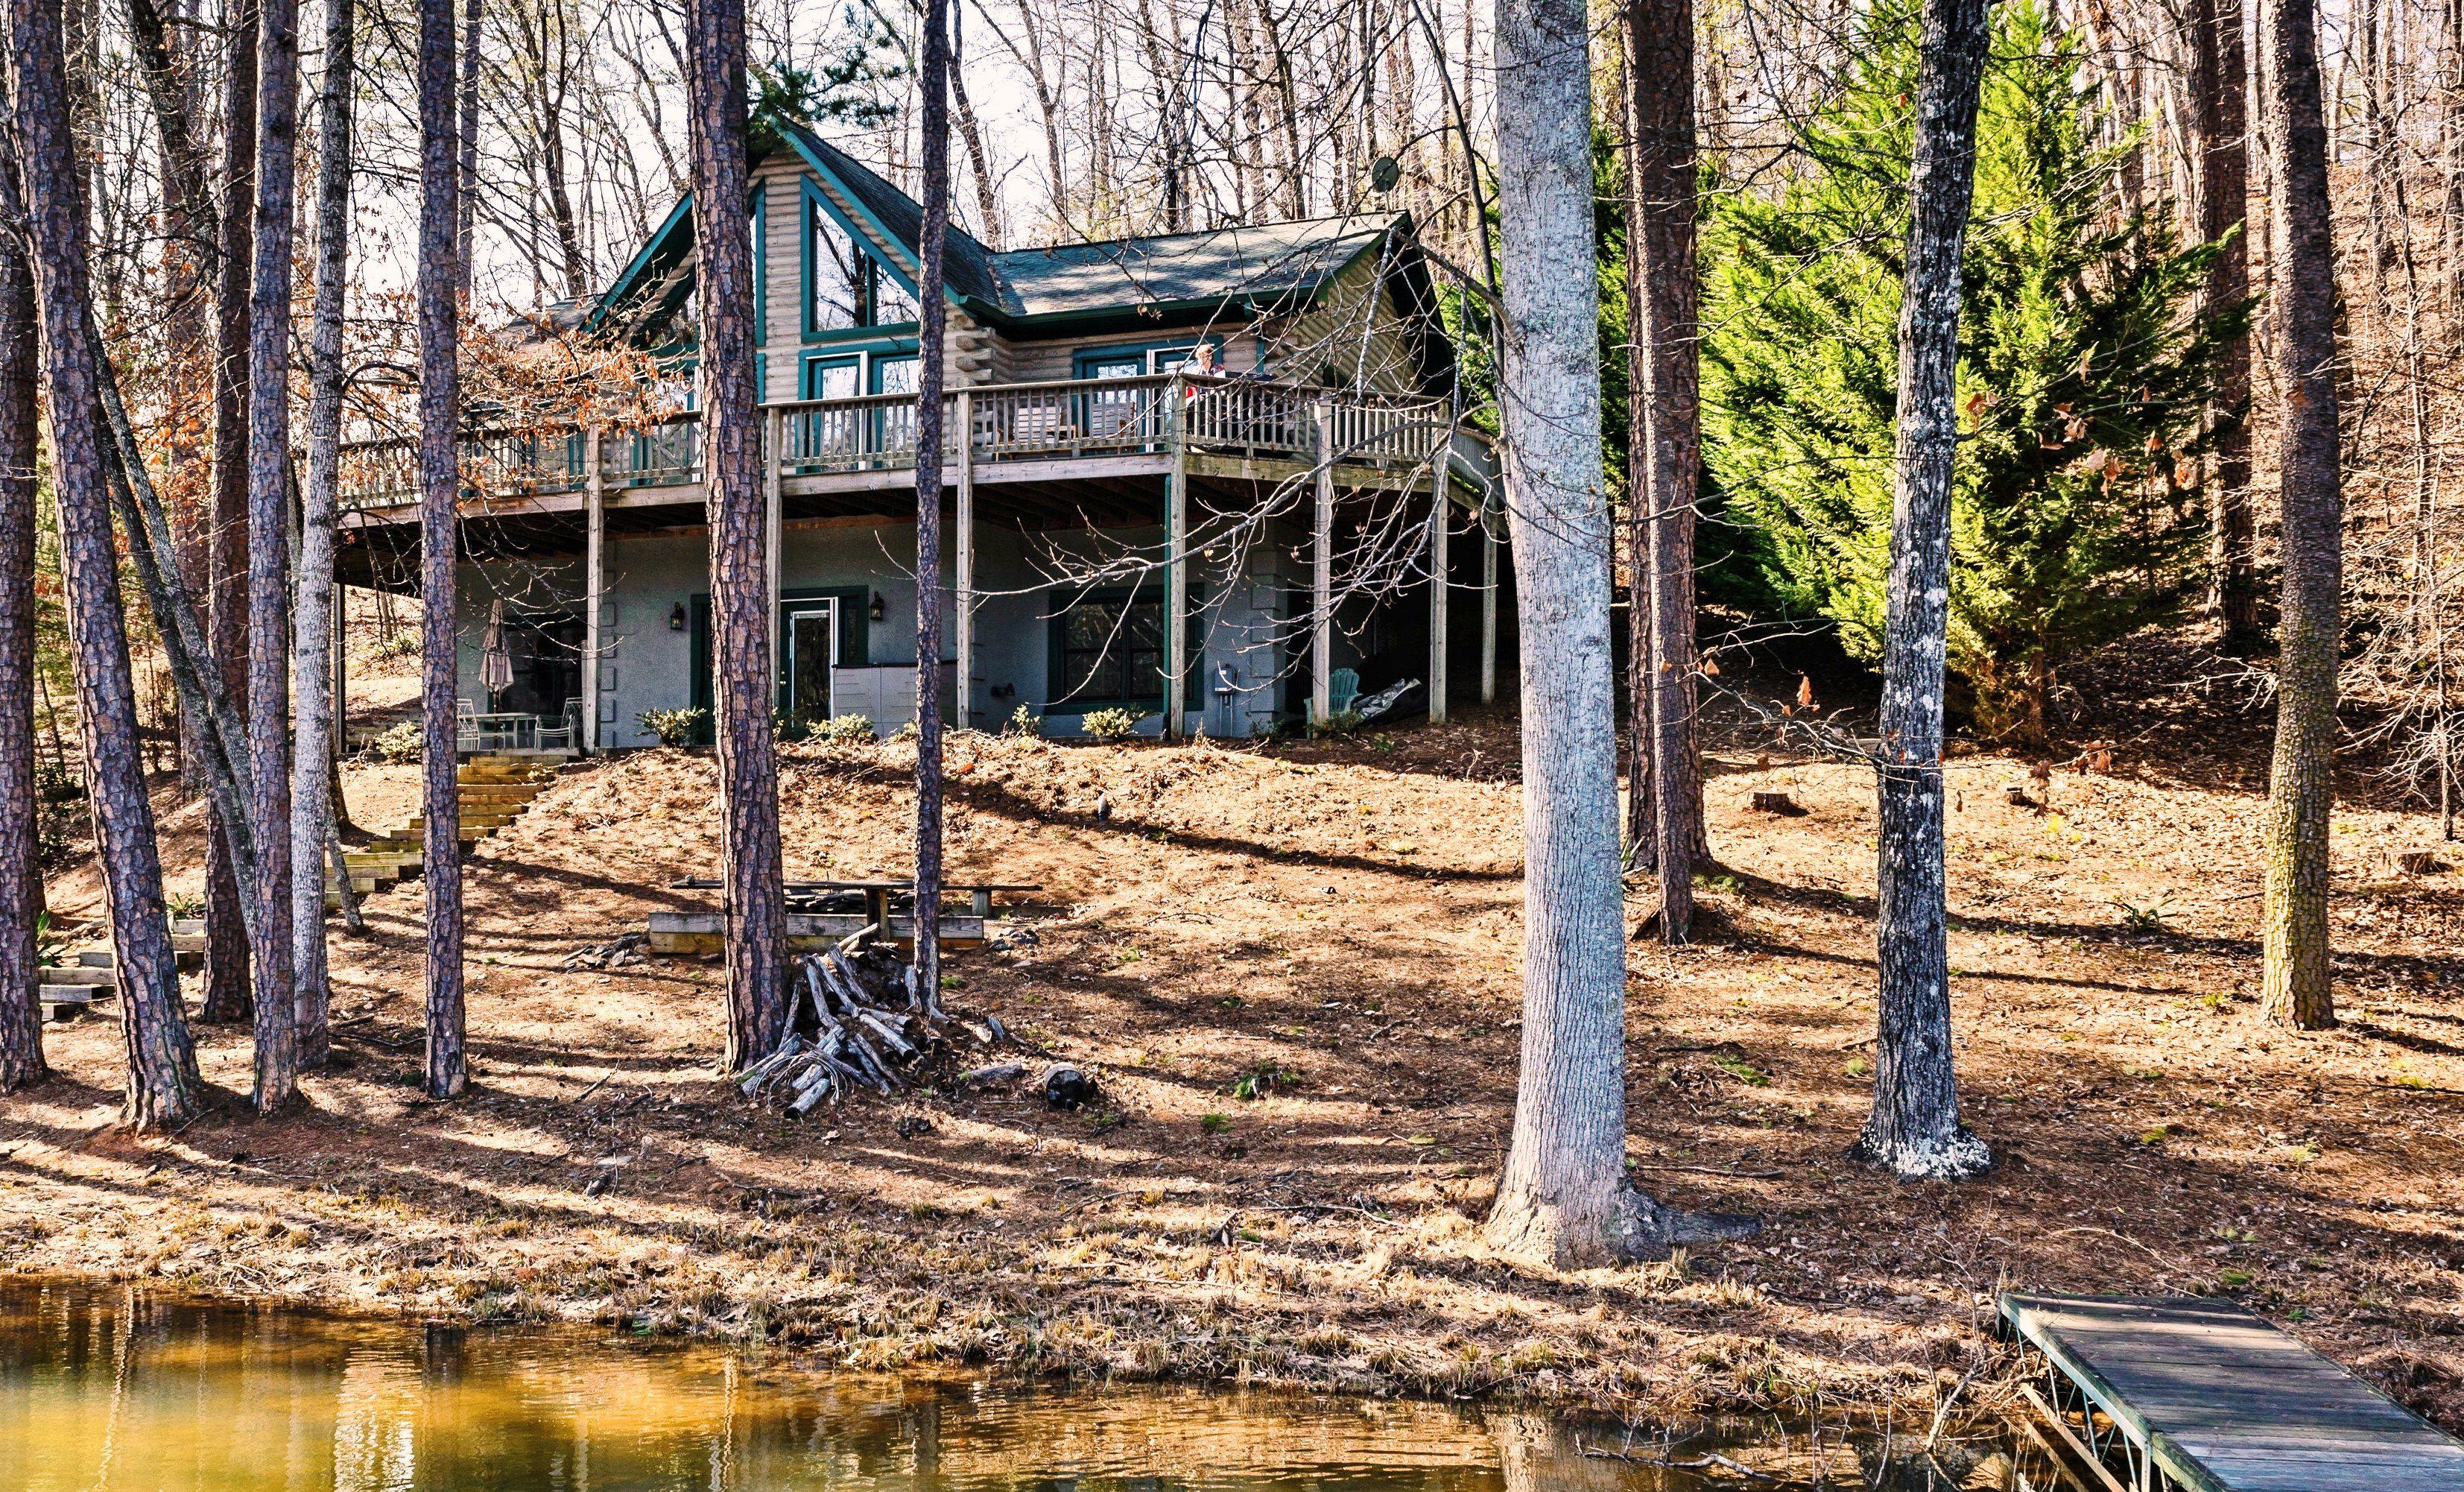 For sale lakefront log cabin lakefront lakefront homes